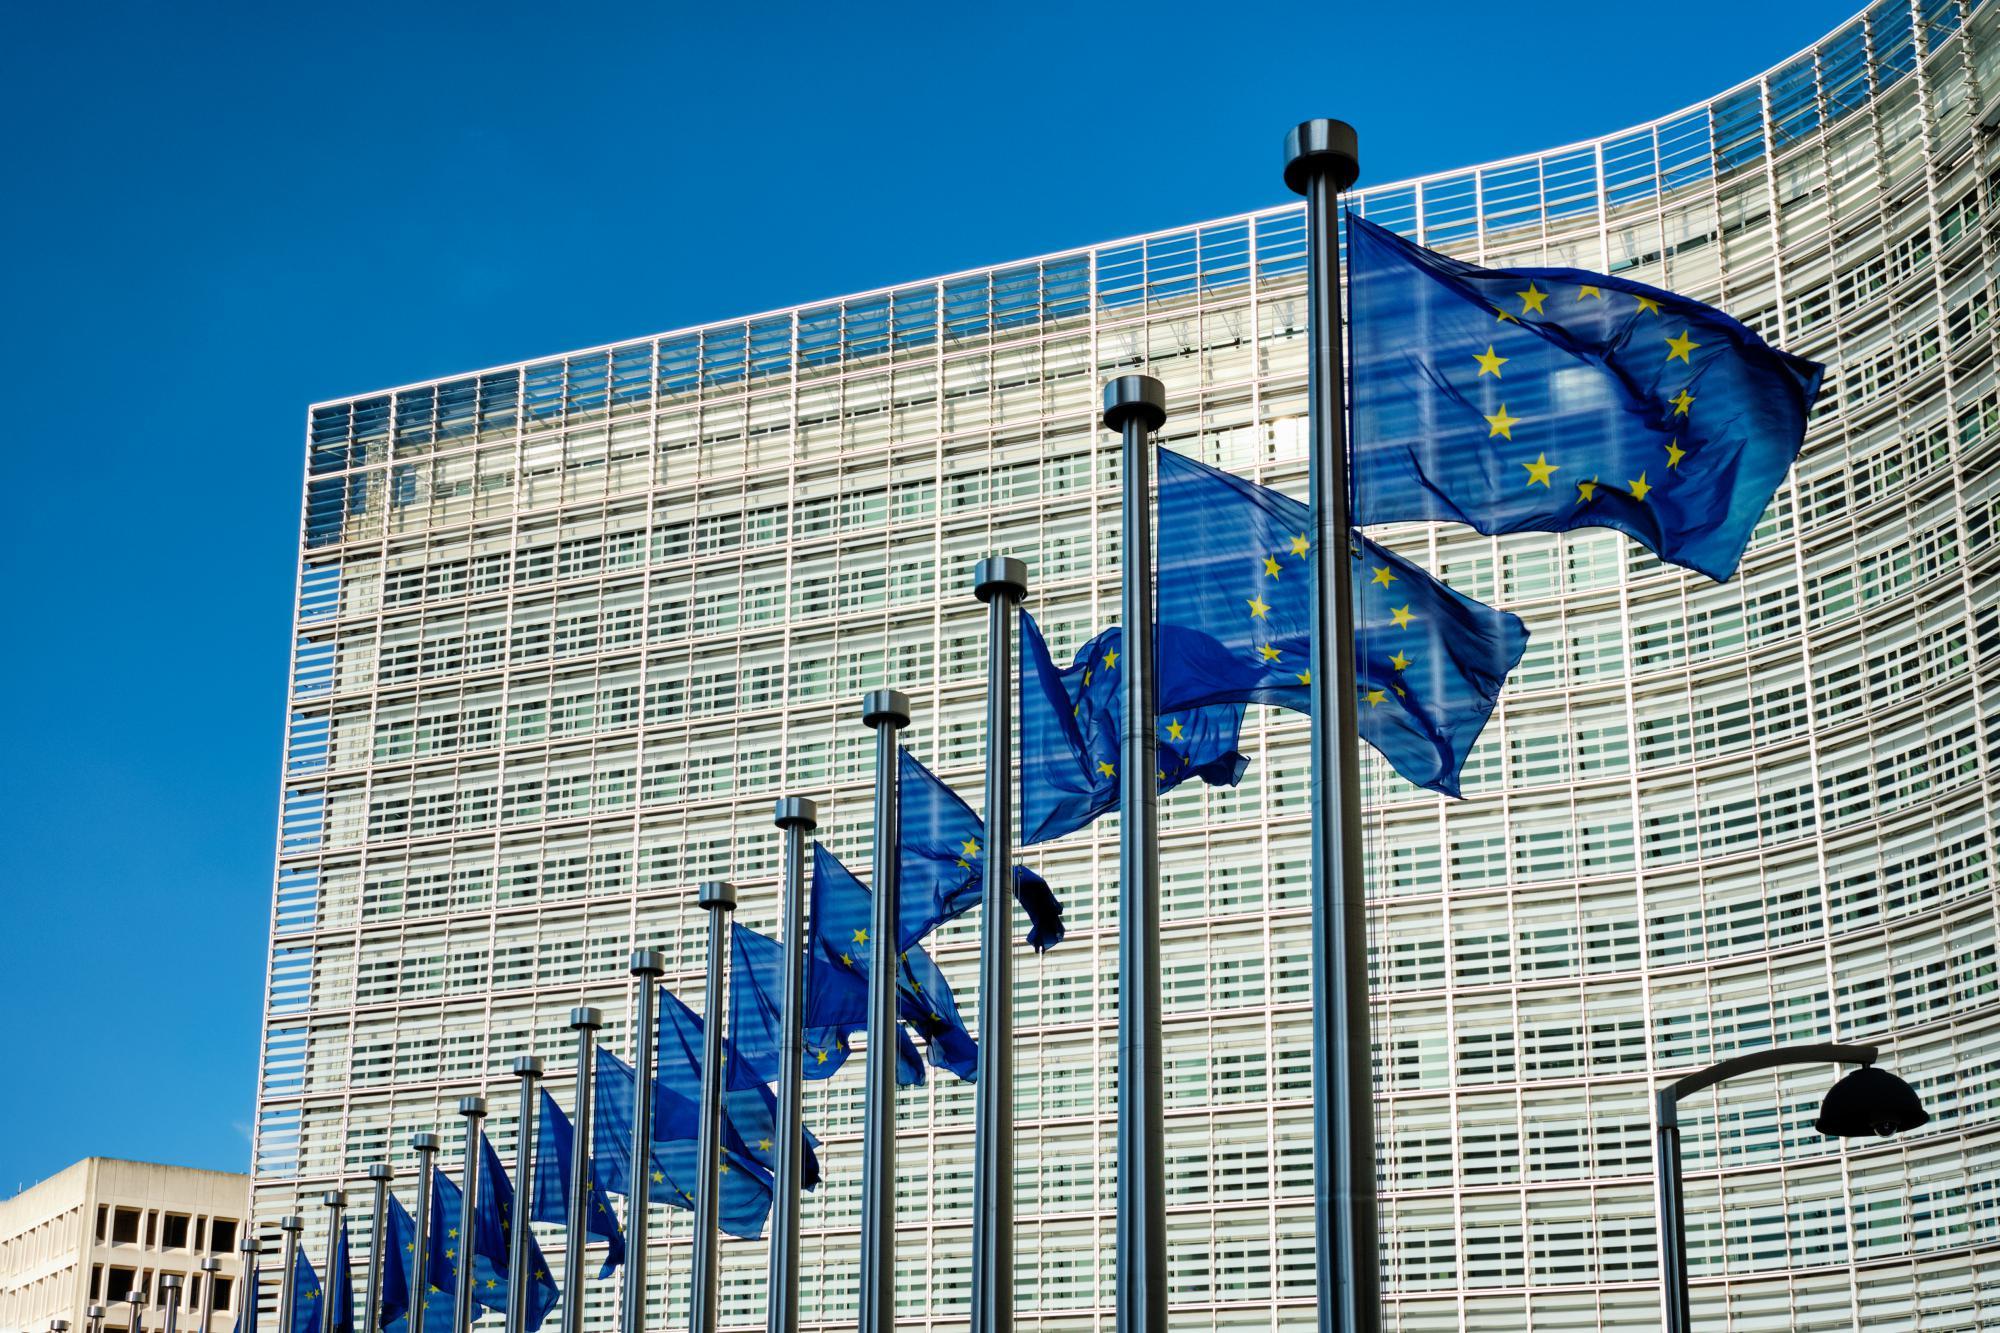 Еврокомиссия предложила законопроект по борьбе с уходом компаний от уплаты налогов